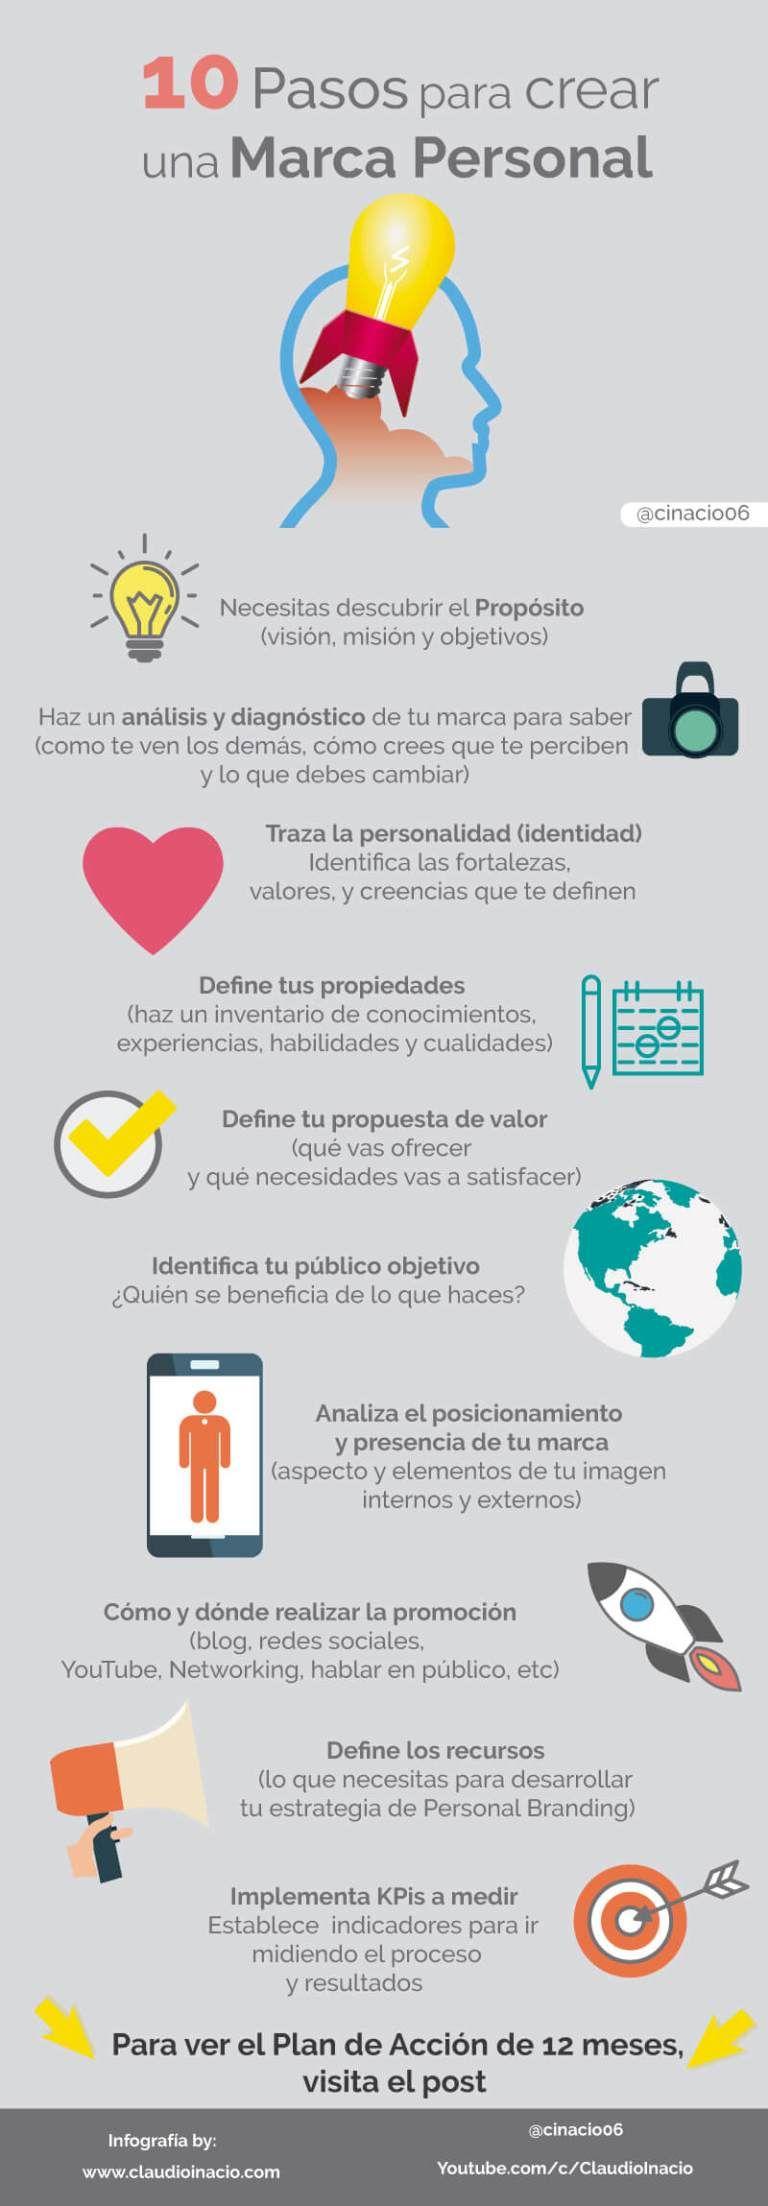 Infografia - 10 pasos para crear una Marca Personal #infografia #infographic #marcapersonal